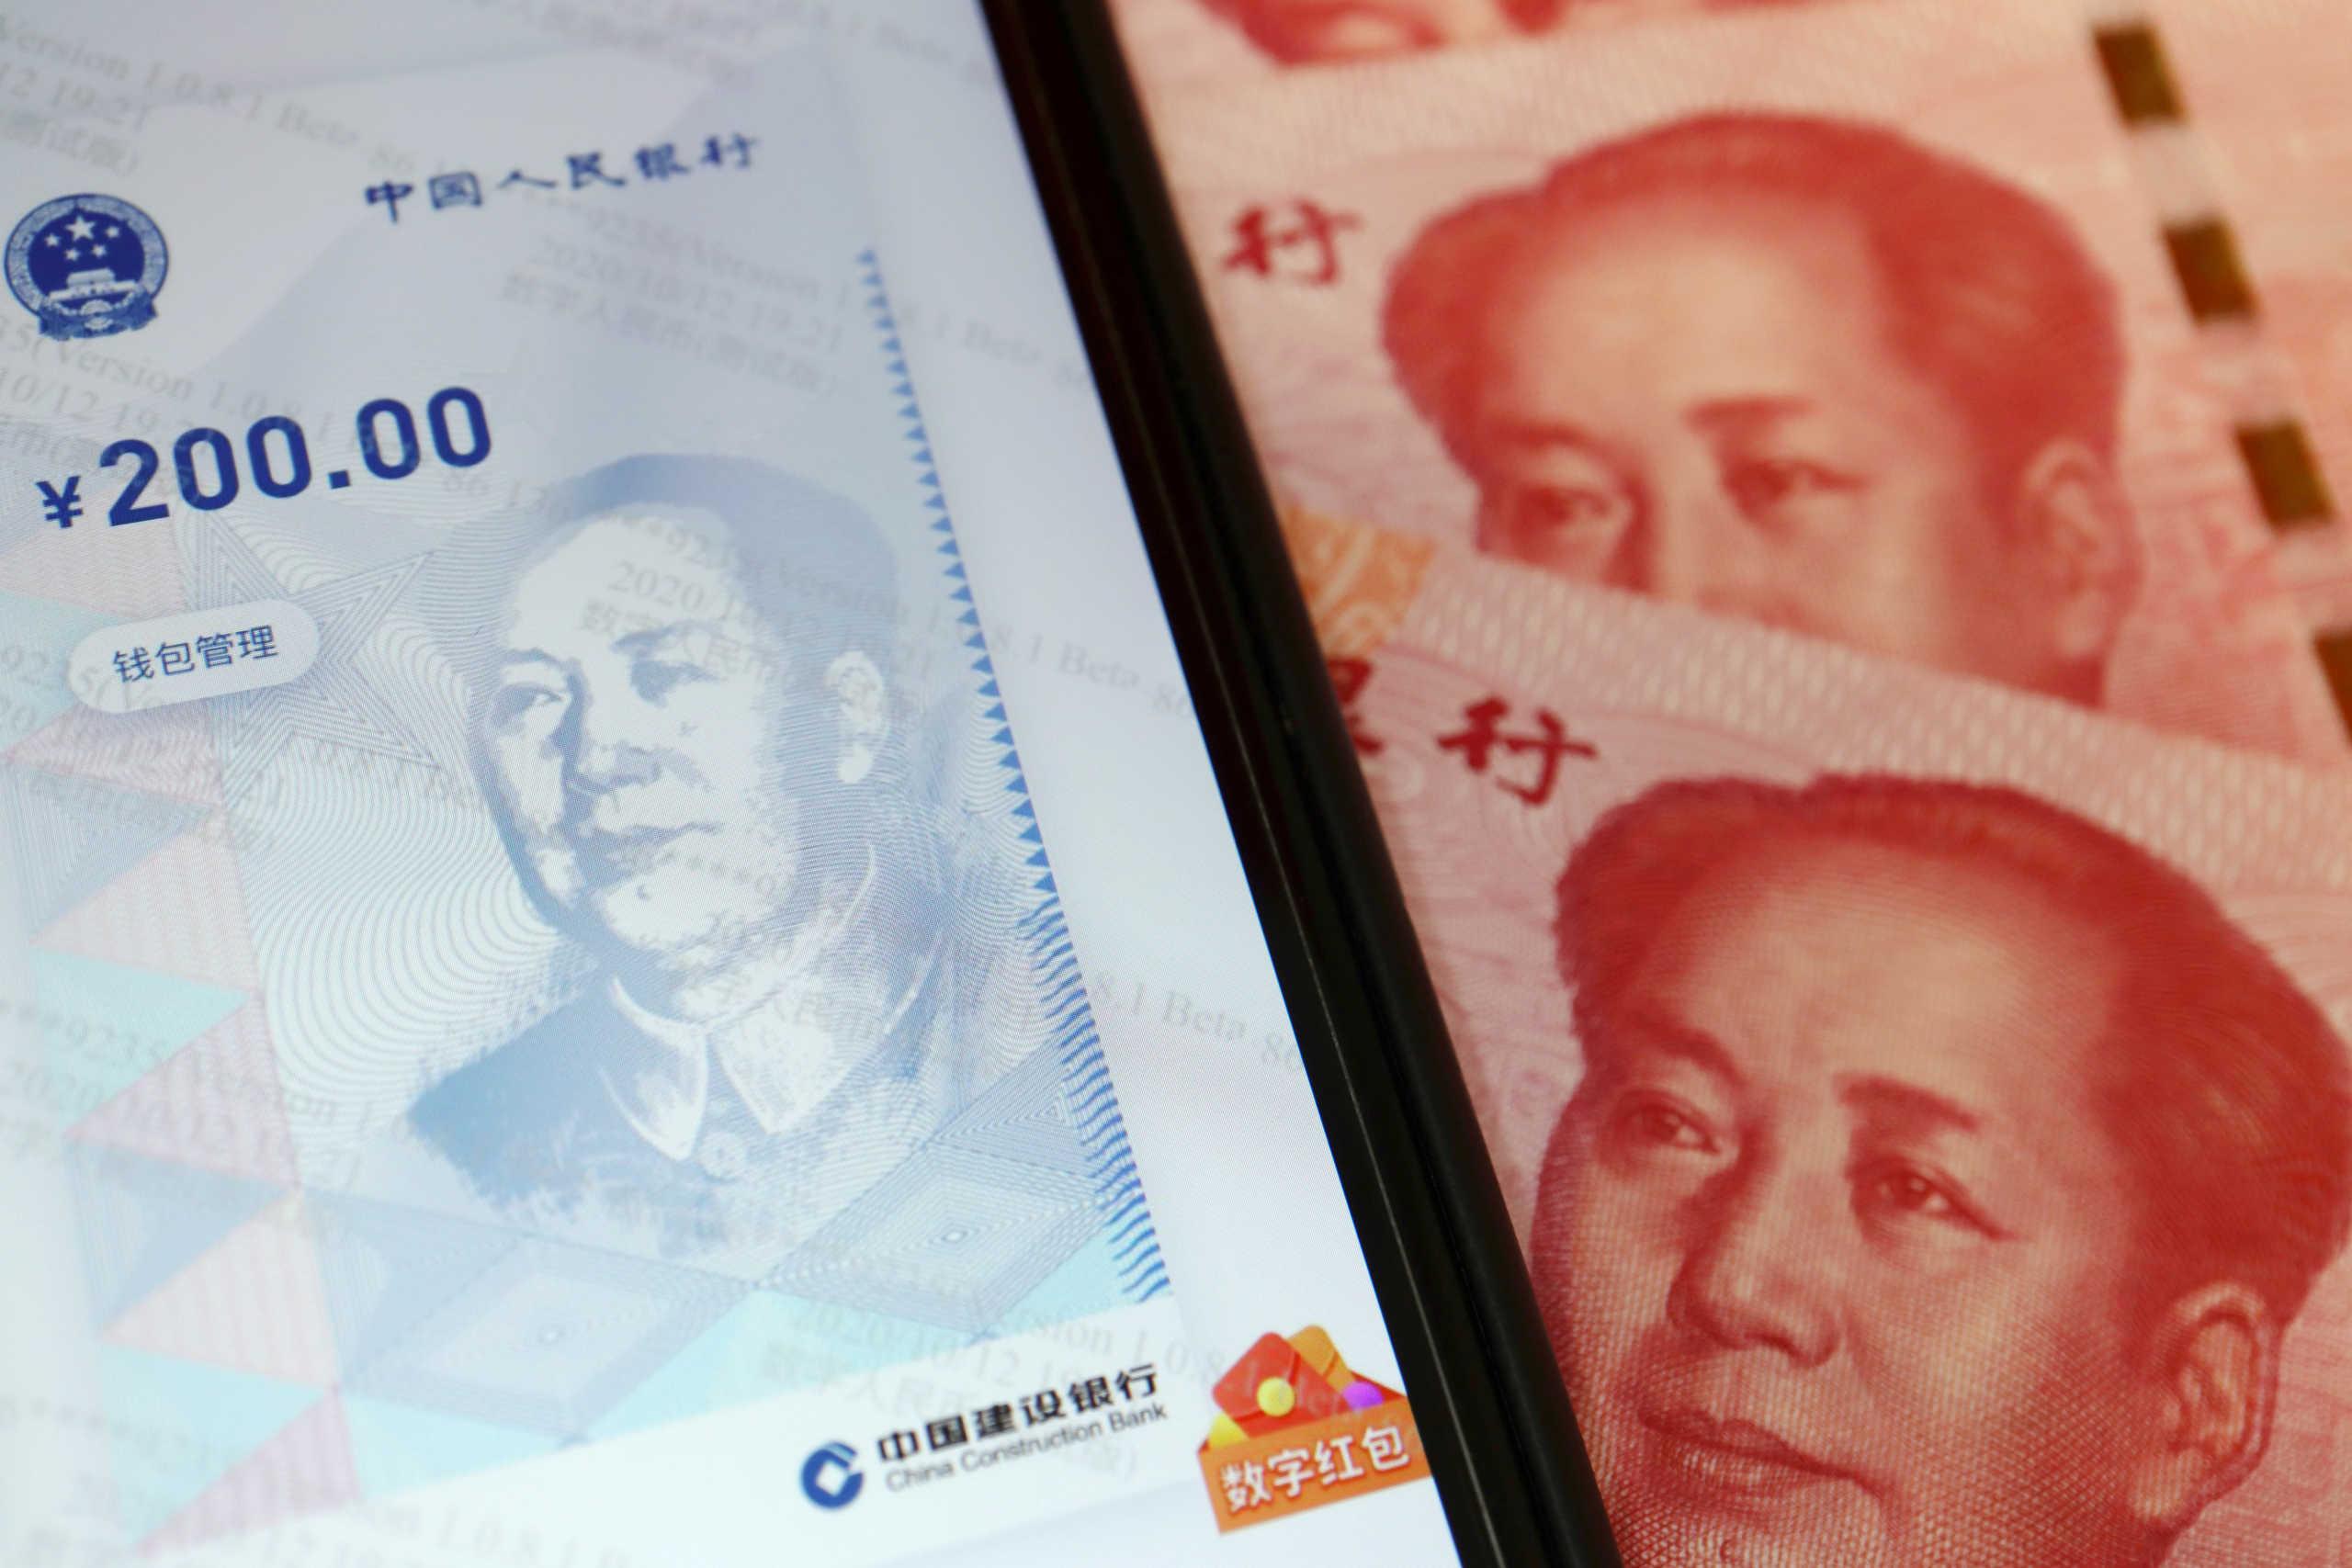 ηλεκτρονικό νόμισμα της Κίνας